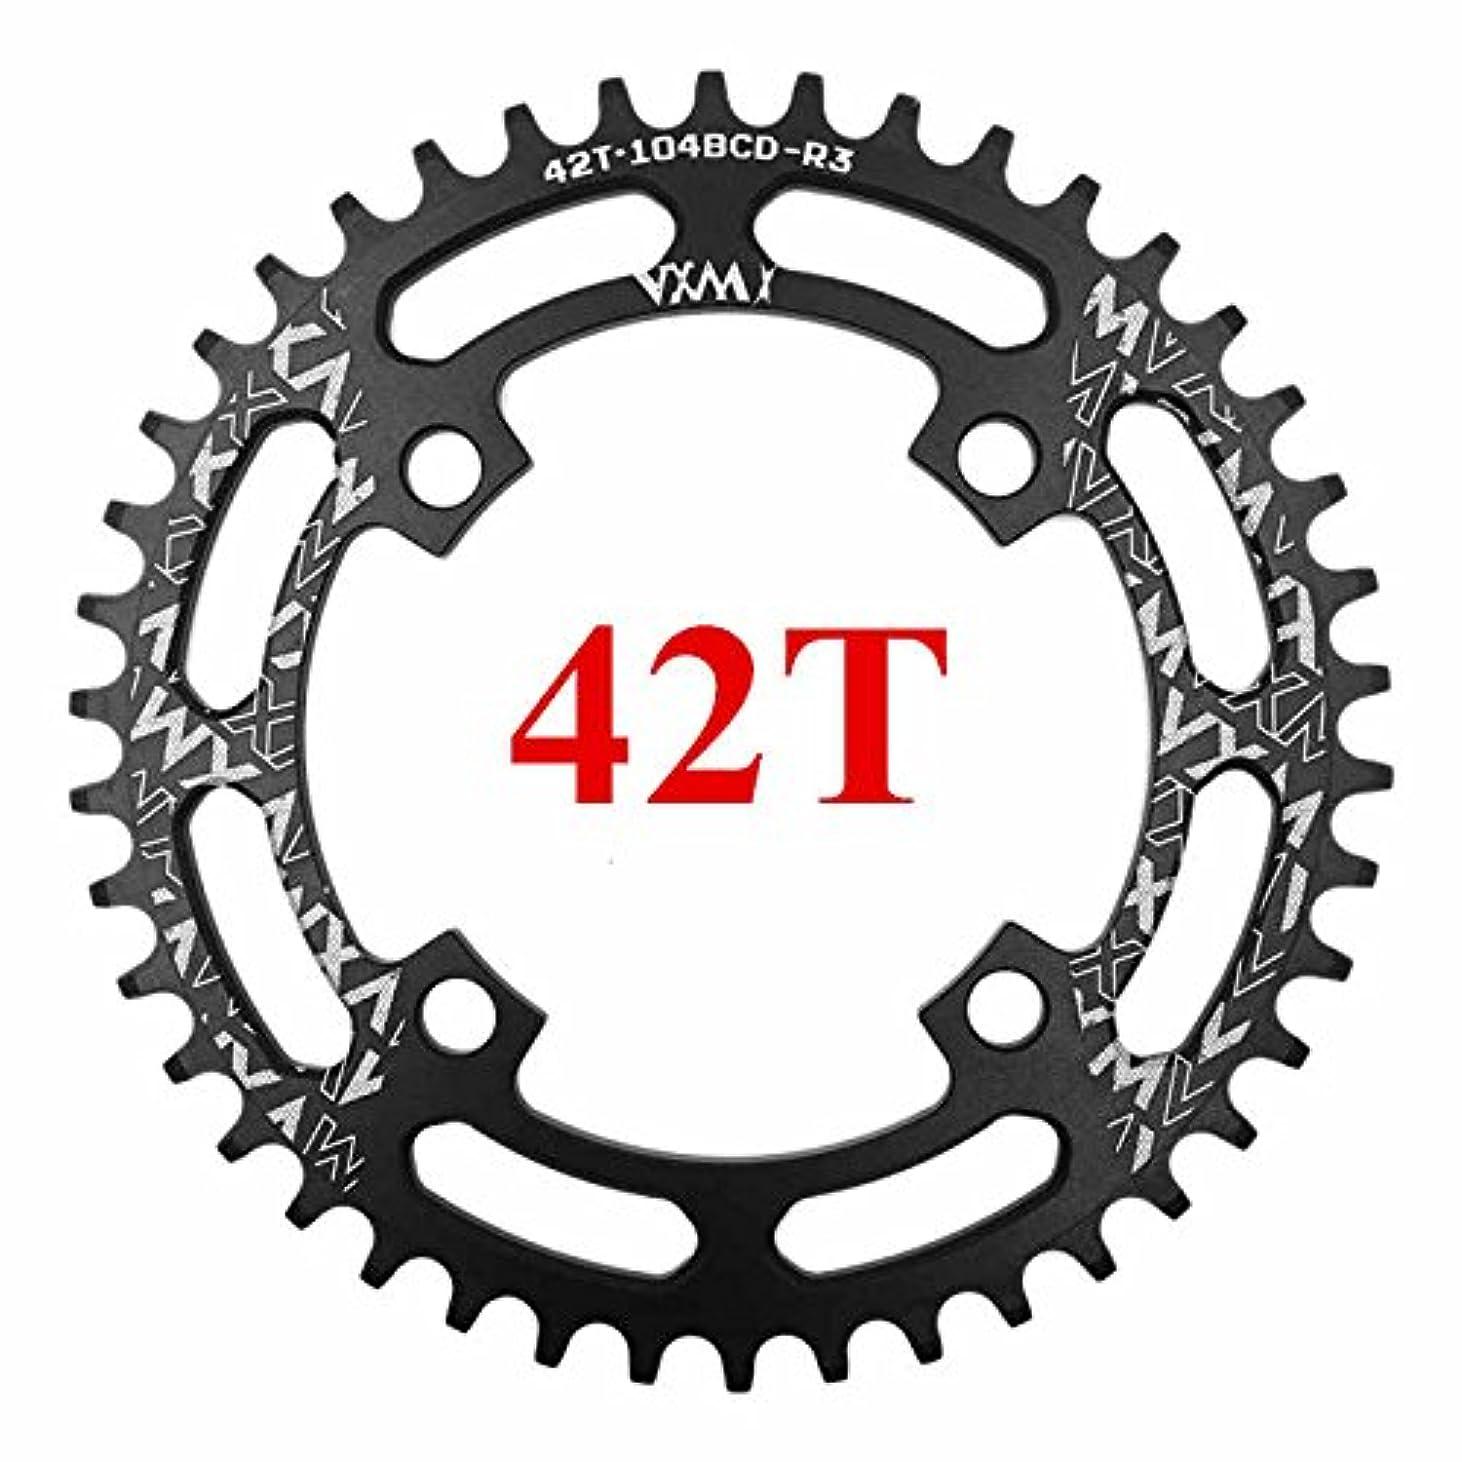 覆す売る東Propenary - 自転車104BCDクランクオーバルラウンド30T 32T 34T 36T 38T 40T 42T 44T 46T 48T 50T 52TチェーンホイールXT狭い広い自転車チェーンリング[ラウンド42Tブラック]